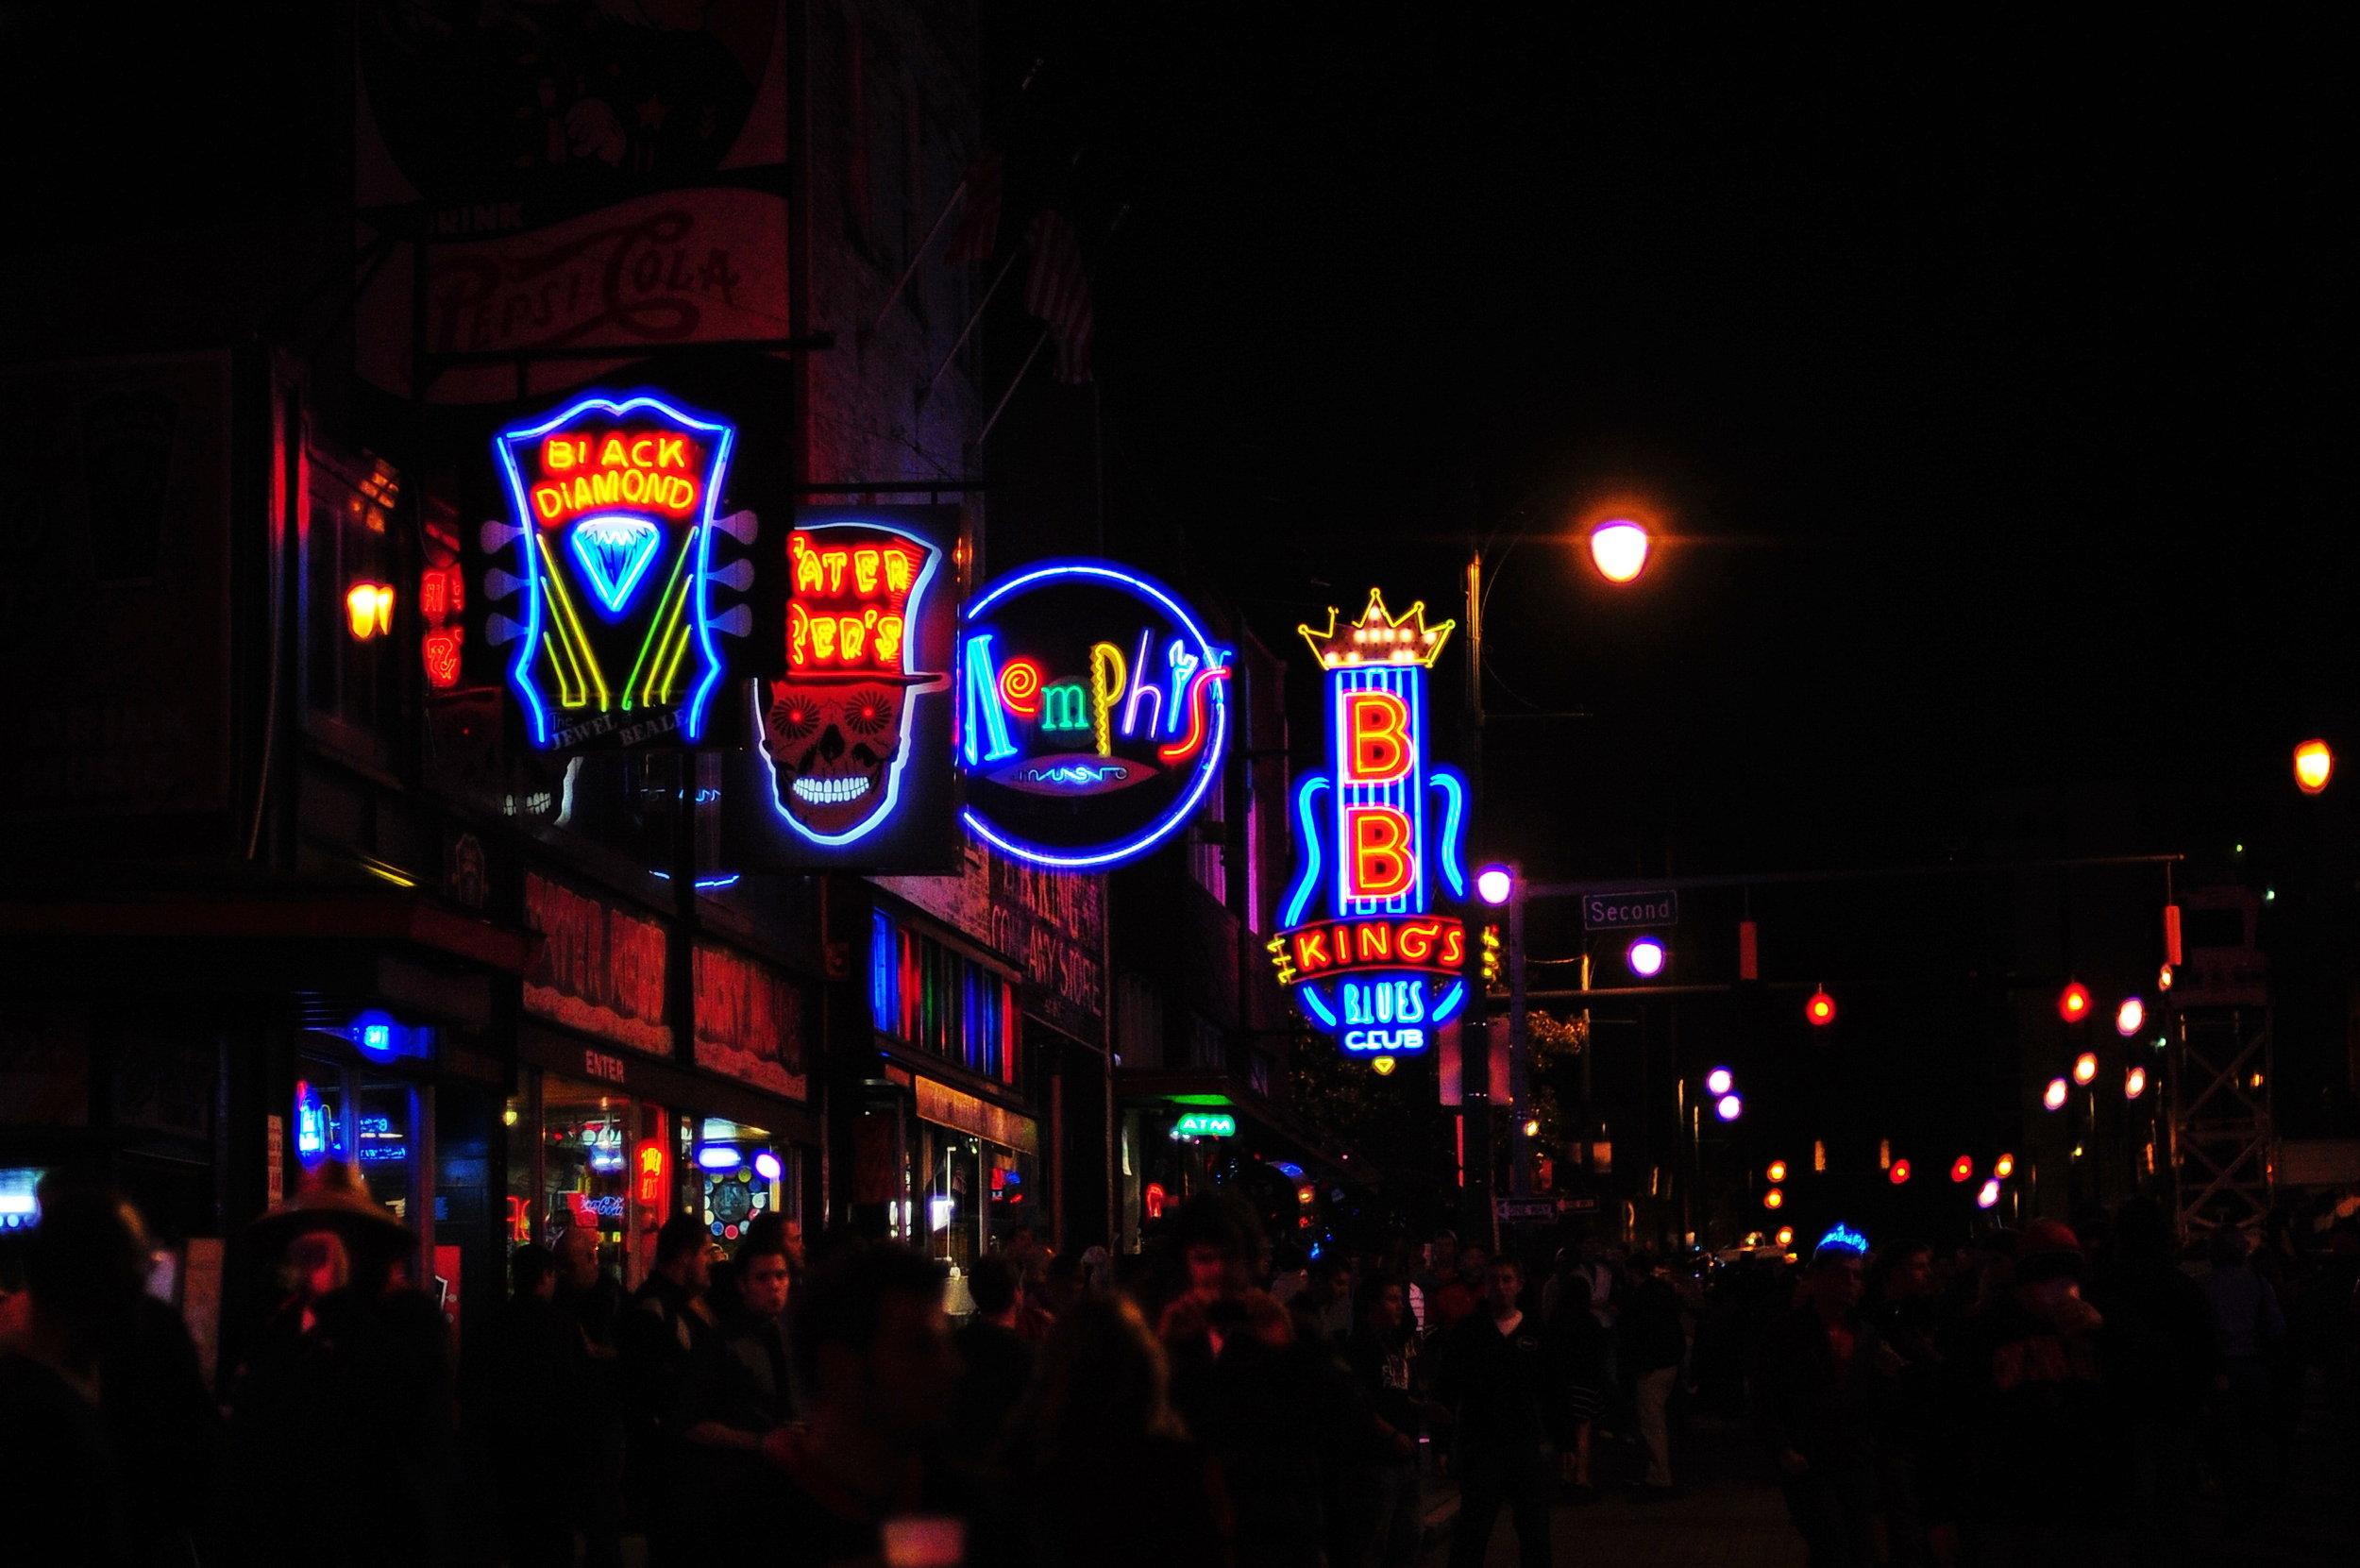 Beale_Street_Neon_Signs_SBv9uU3T8Exhu5uc07xr_Ep.jpg